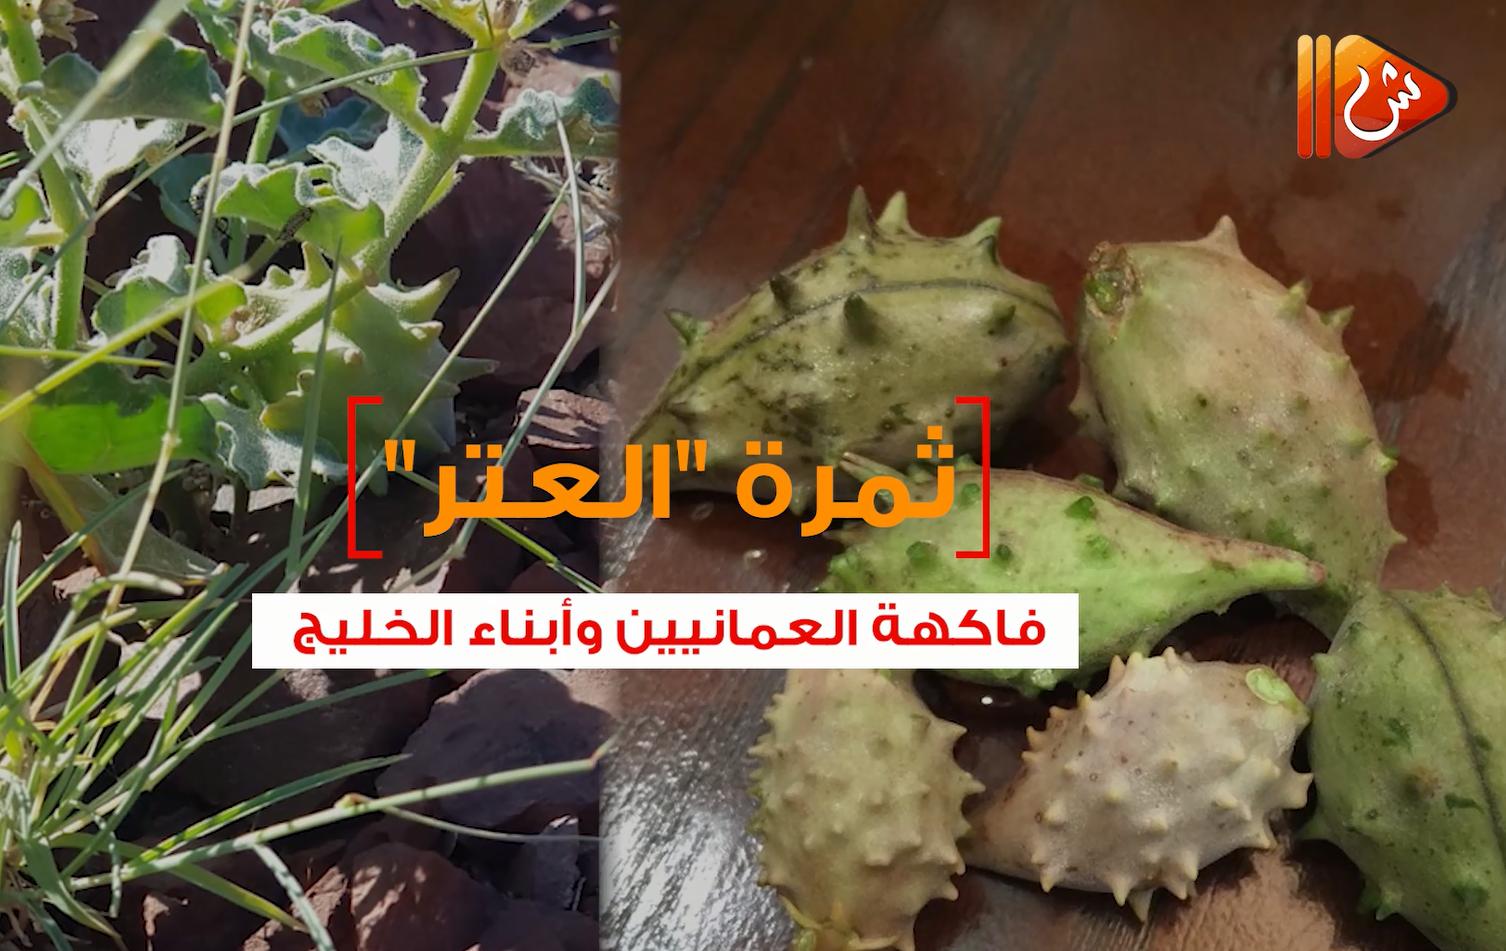 """بالفيديو.. شاهد ثمرة """"العتر"""" .. فاكهة العمانيين وأبناء الخليج"""